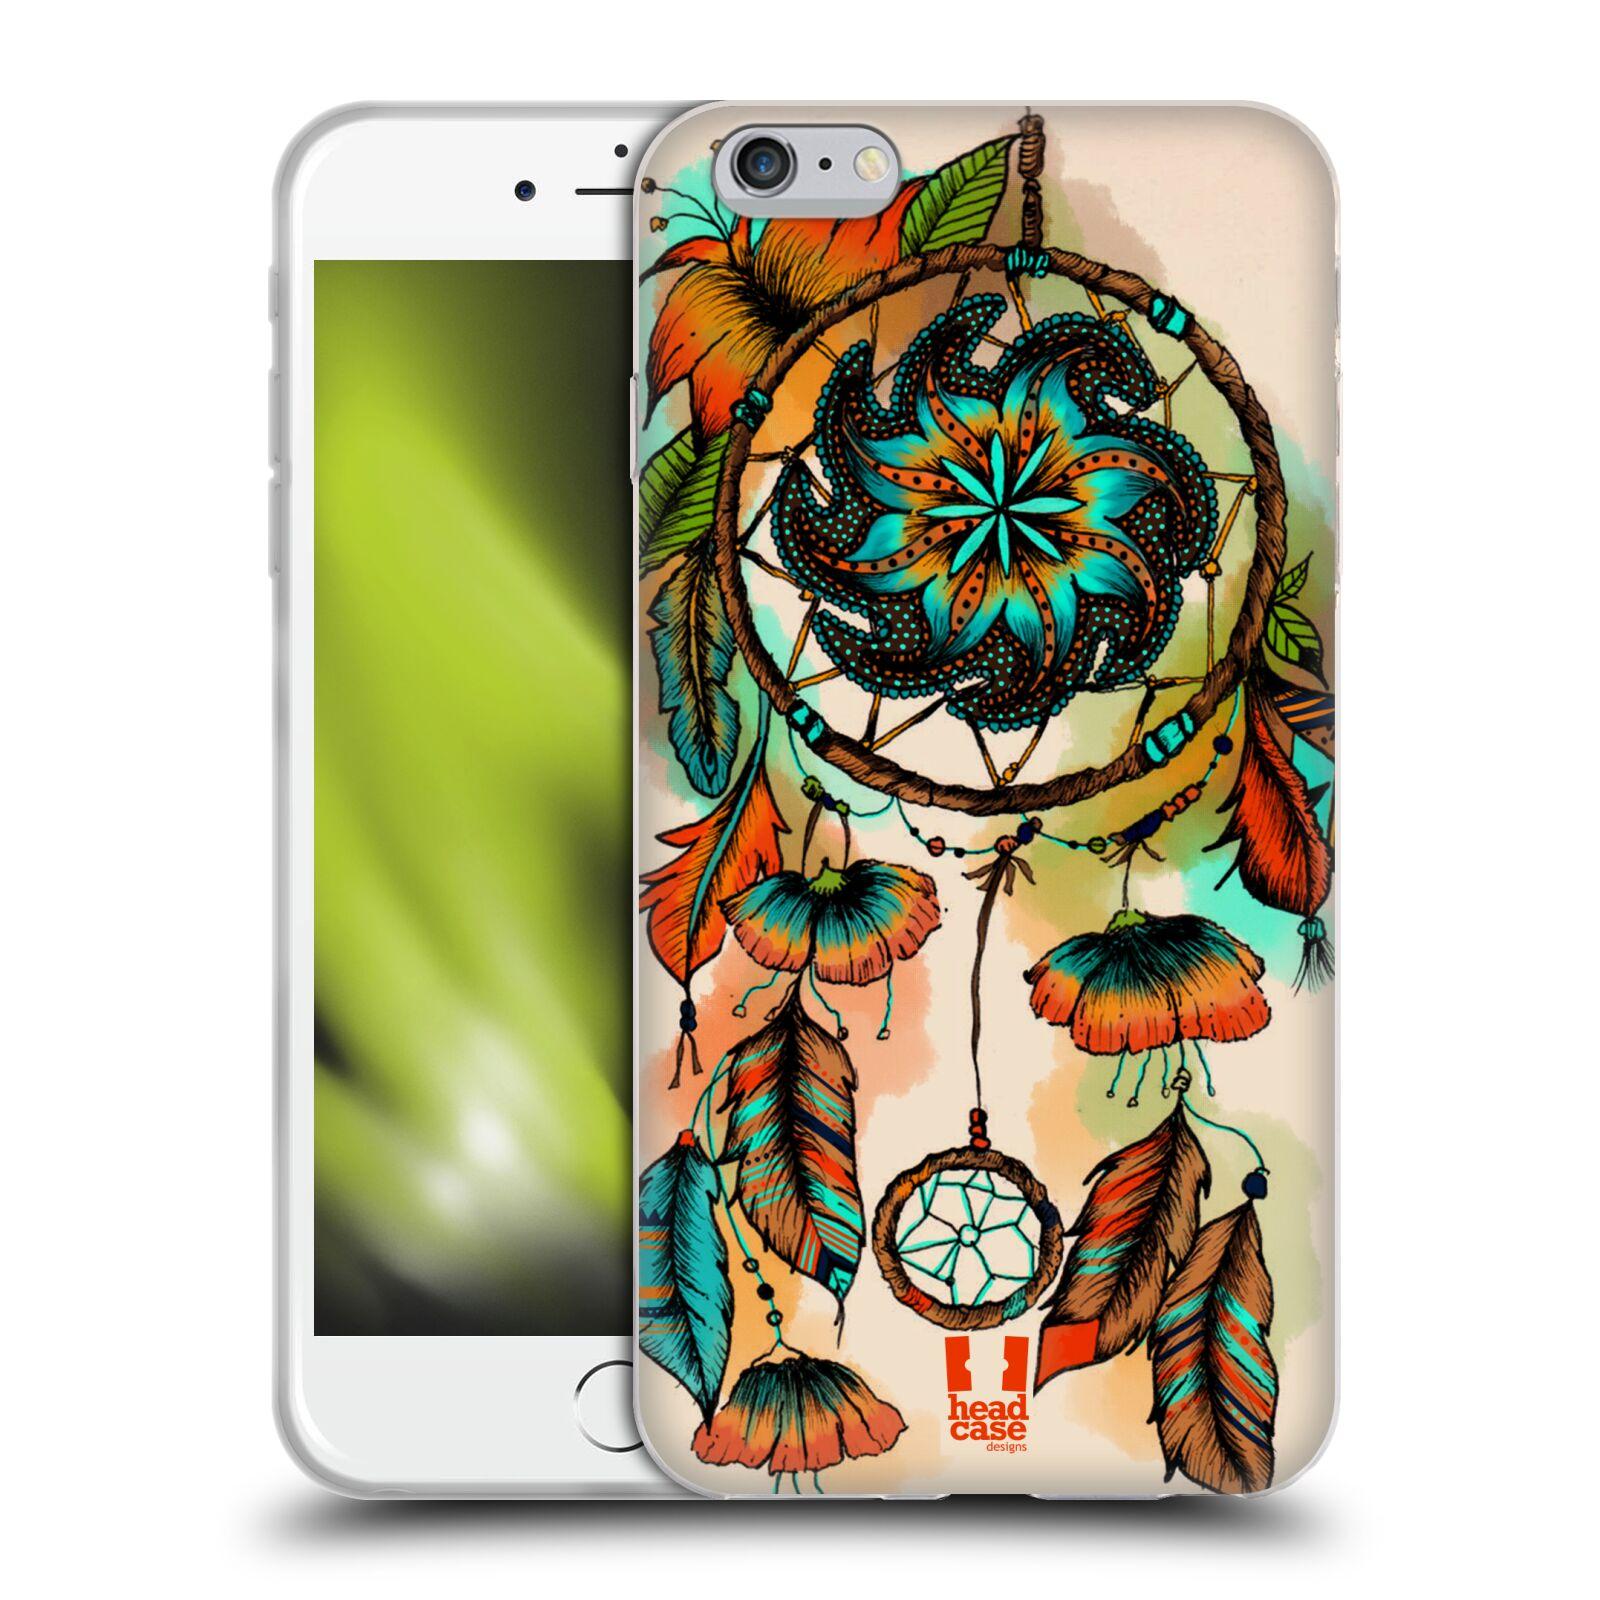 HEAD CASE silikonový obal na mobil Apple Iphone 6 PLUS/ 6S PLUS vzor Květy lapač snů merňka oranžová